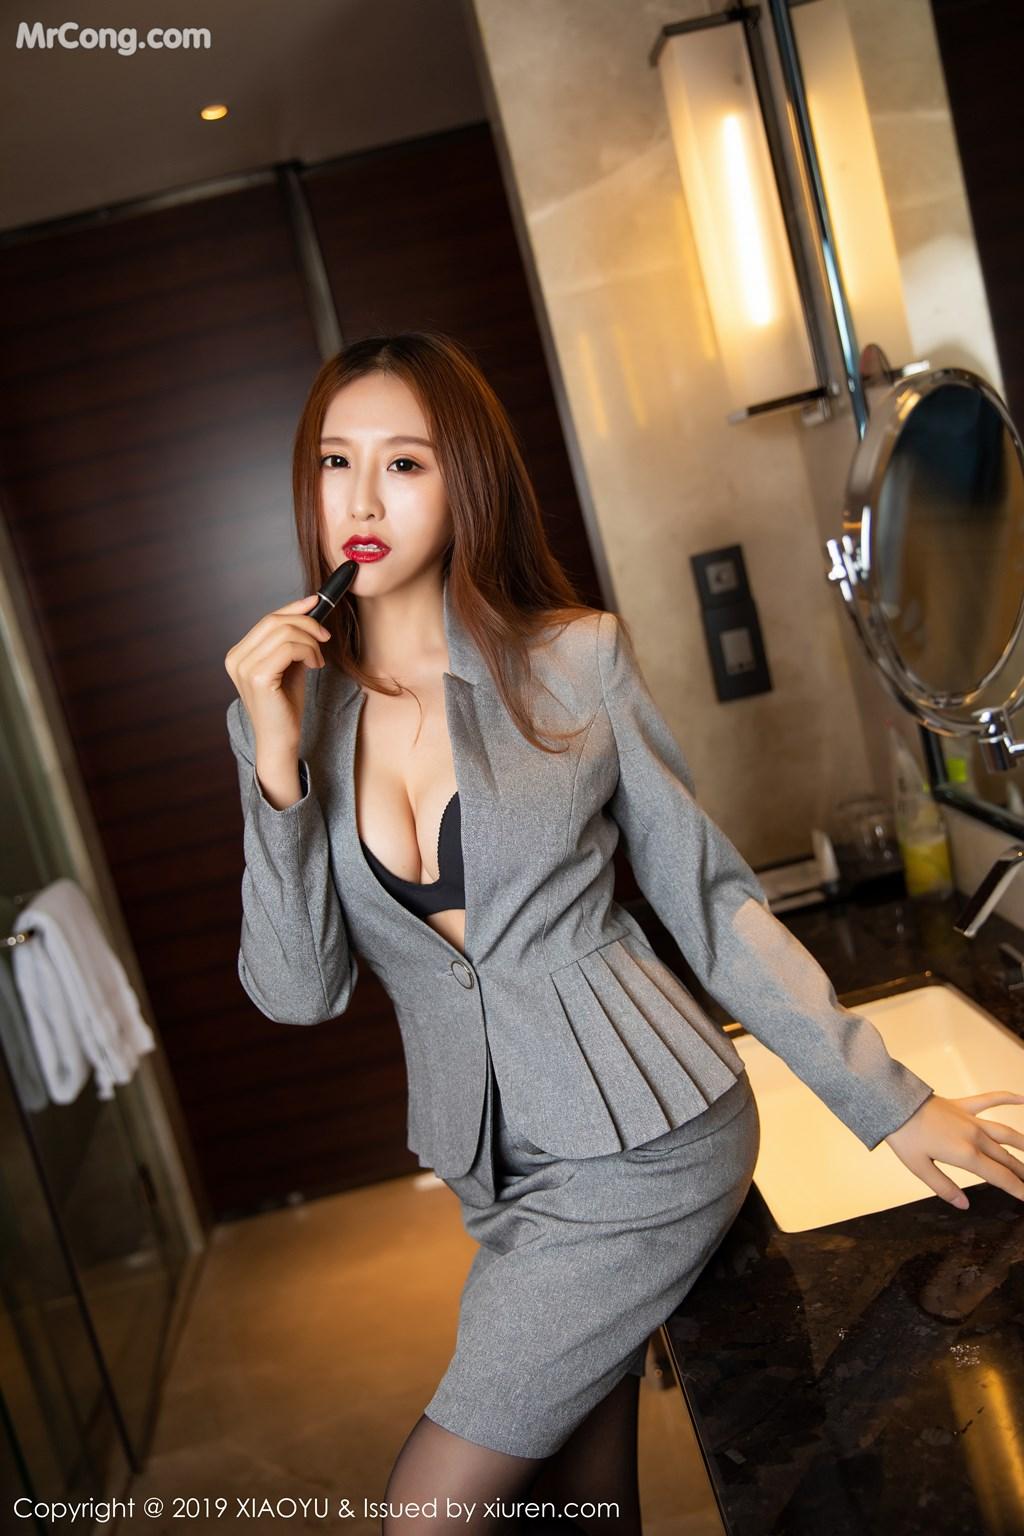 Image XiaoYu-Vol.096-Yue-Yin-Tong-MrCong.com-011 in post XiaoYu Vol.096: Yue Yin Tong (月音瞳) (54 ảnh)